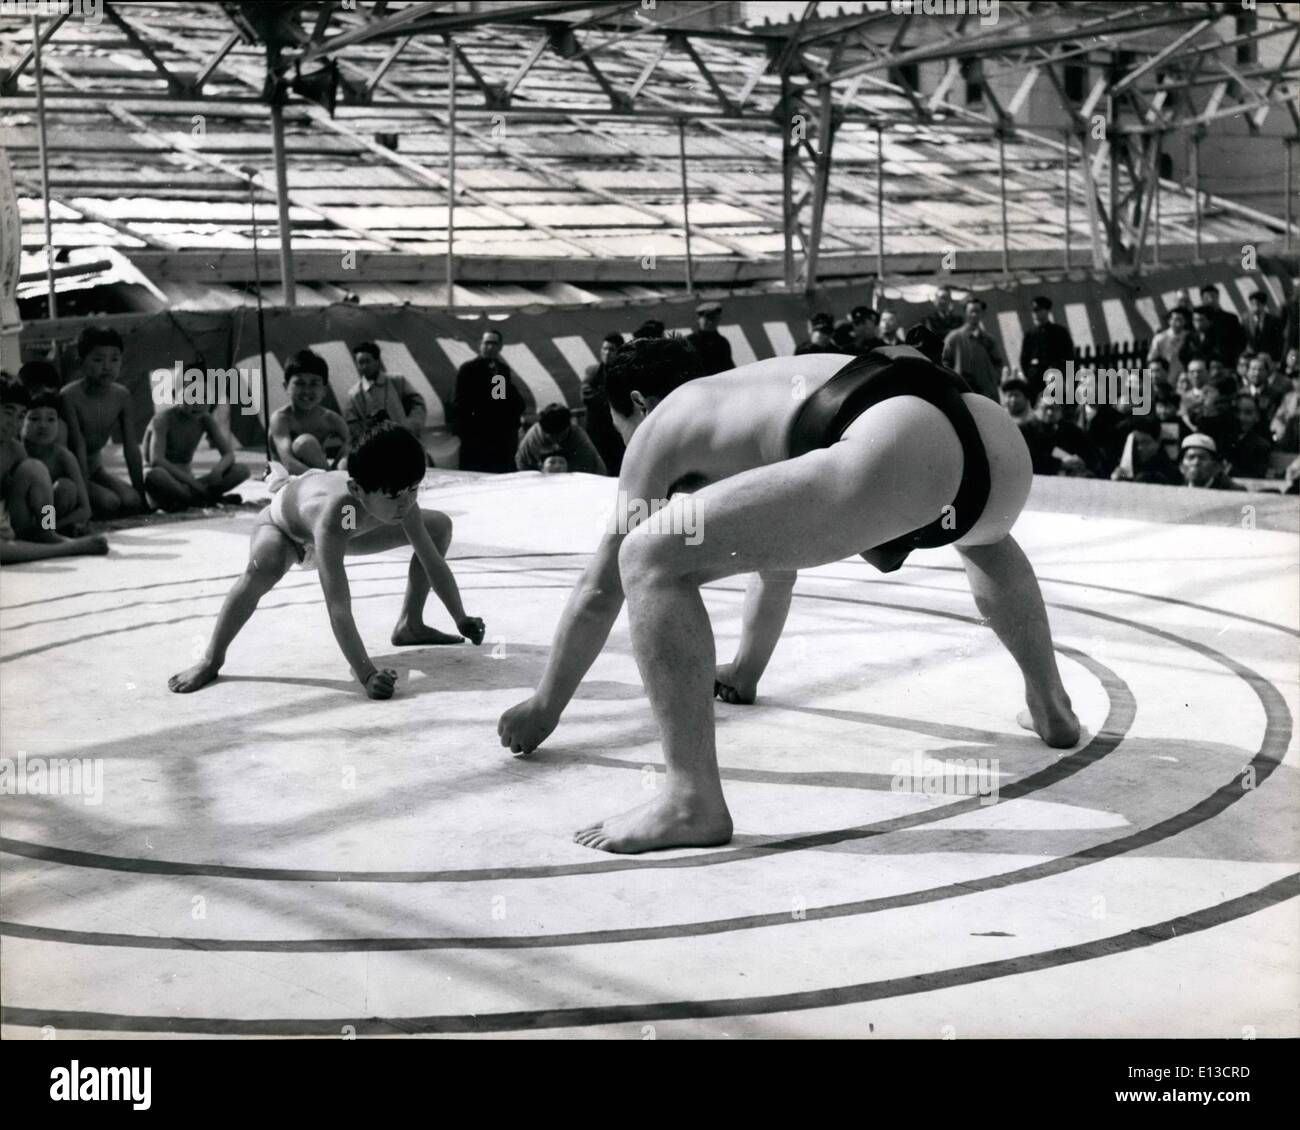 Mar 02, 2012 - Dimensione non fa alcuna differenza quando sapete Sumo: un giovane di dimensioni fino il suo avversario prima di un match di sumo. Da questa posizione si sposta in primo luogo sono sempre fatti. Immagini Stock